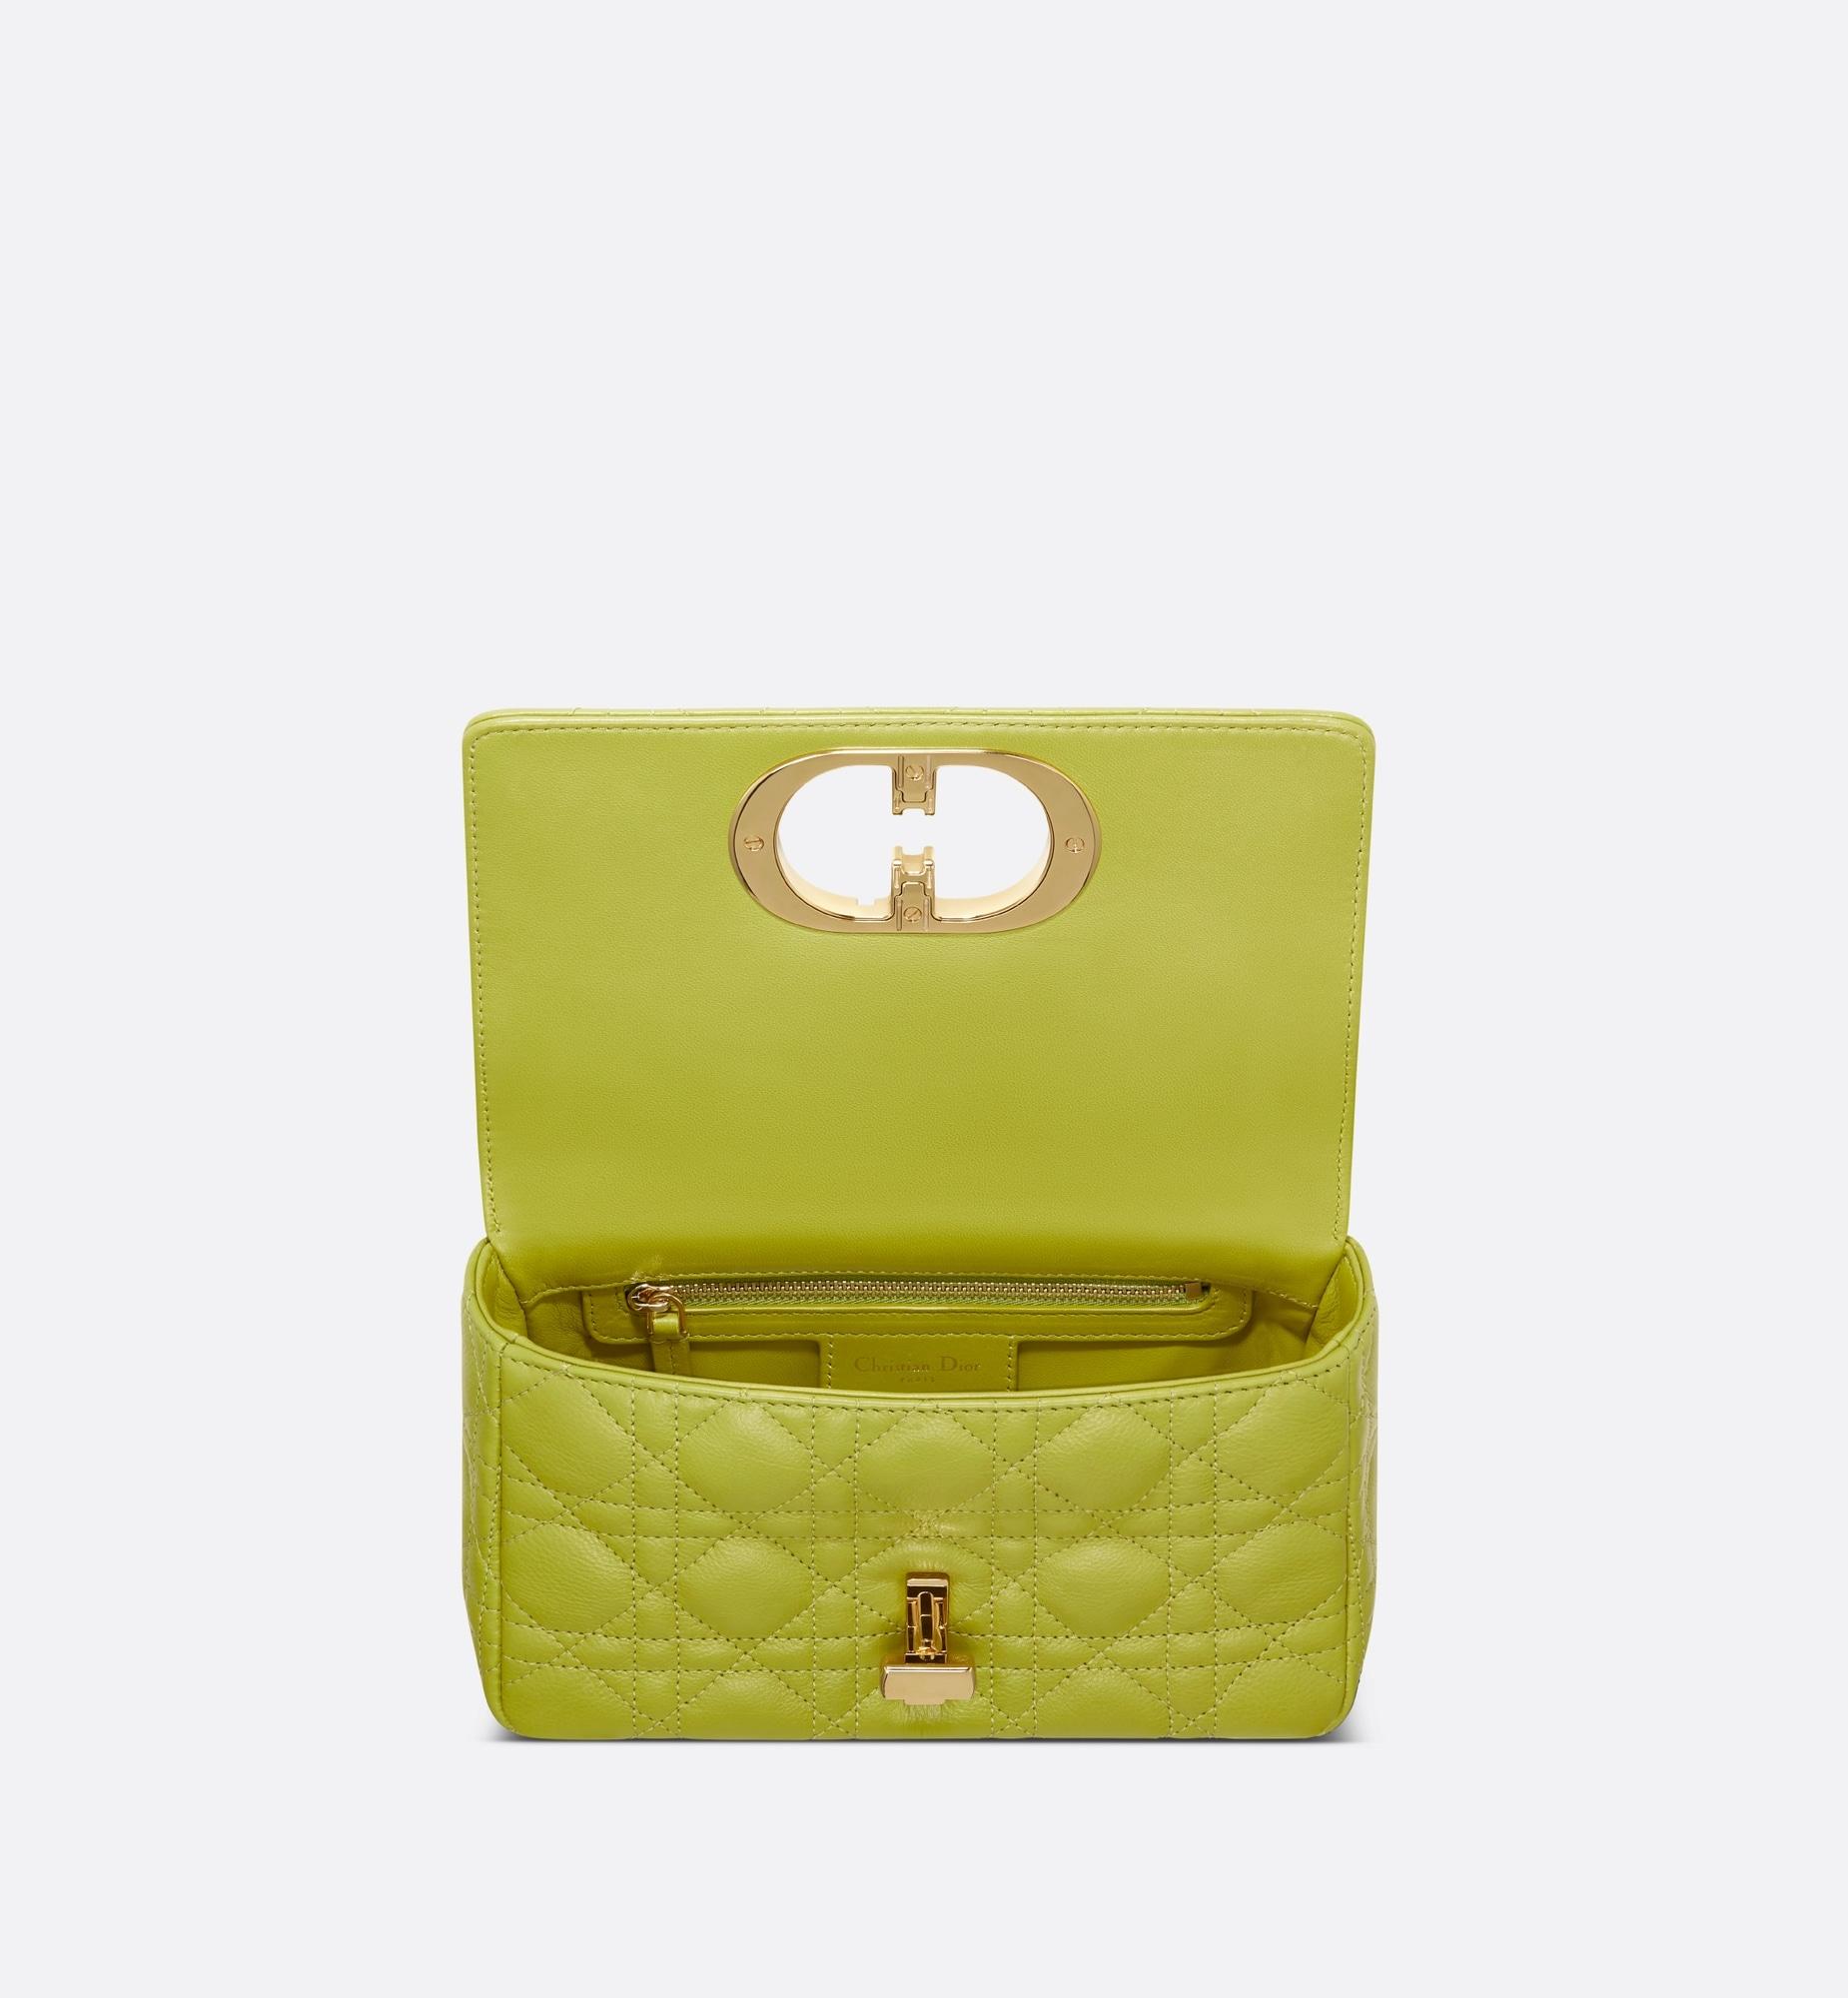 Kleine Dior Caro Tasche aria_topShotView aria_openGallery